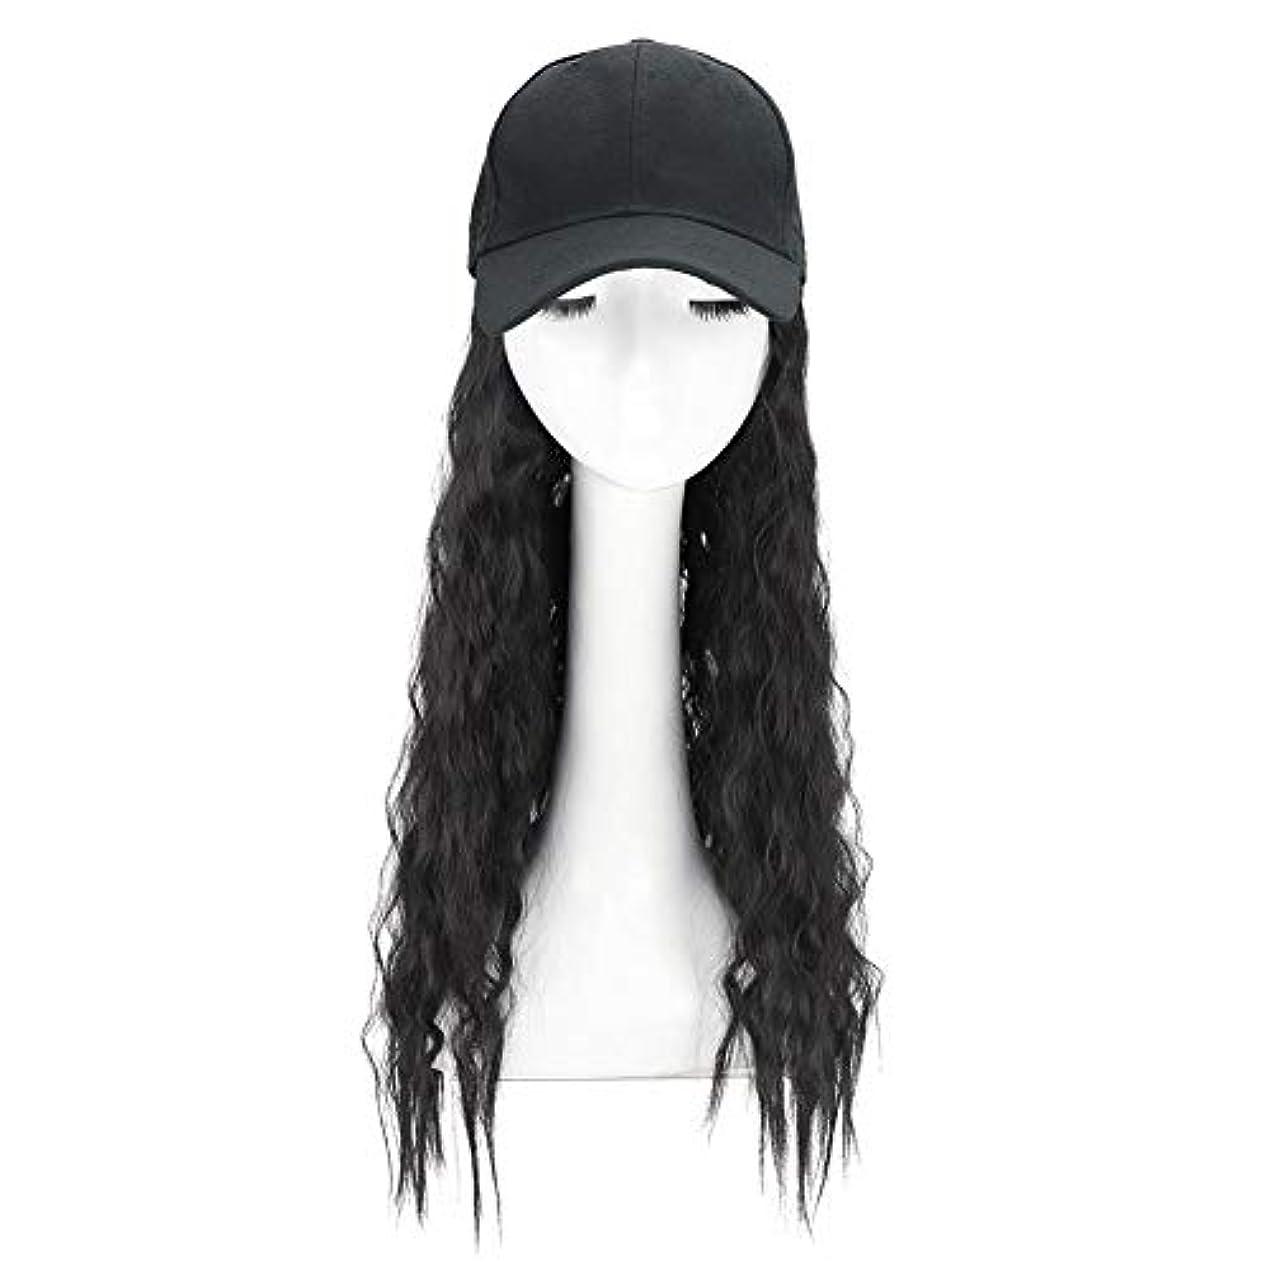 米国周囲作詞家Brill(ブリーオ)帽子ロングカーリーウェーブ女性ファッション野球帽ブラックウィッグ